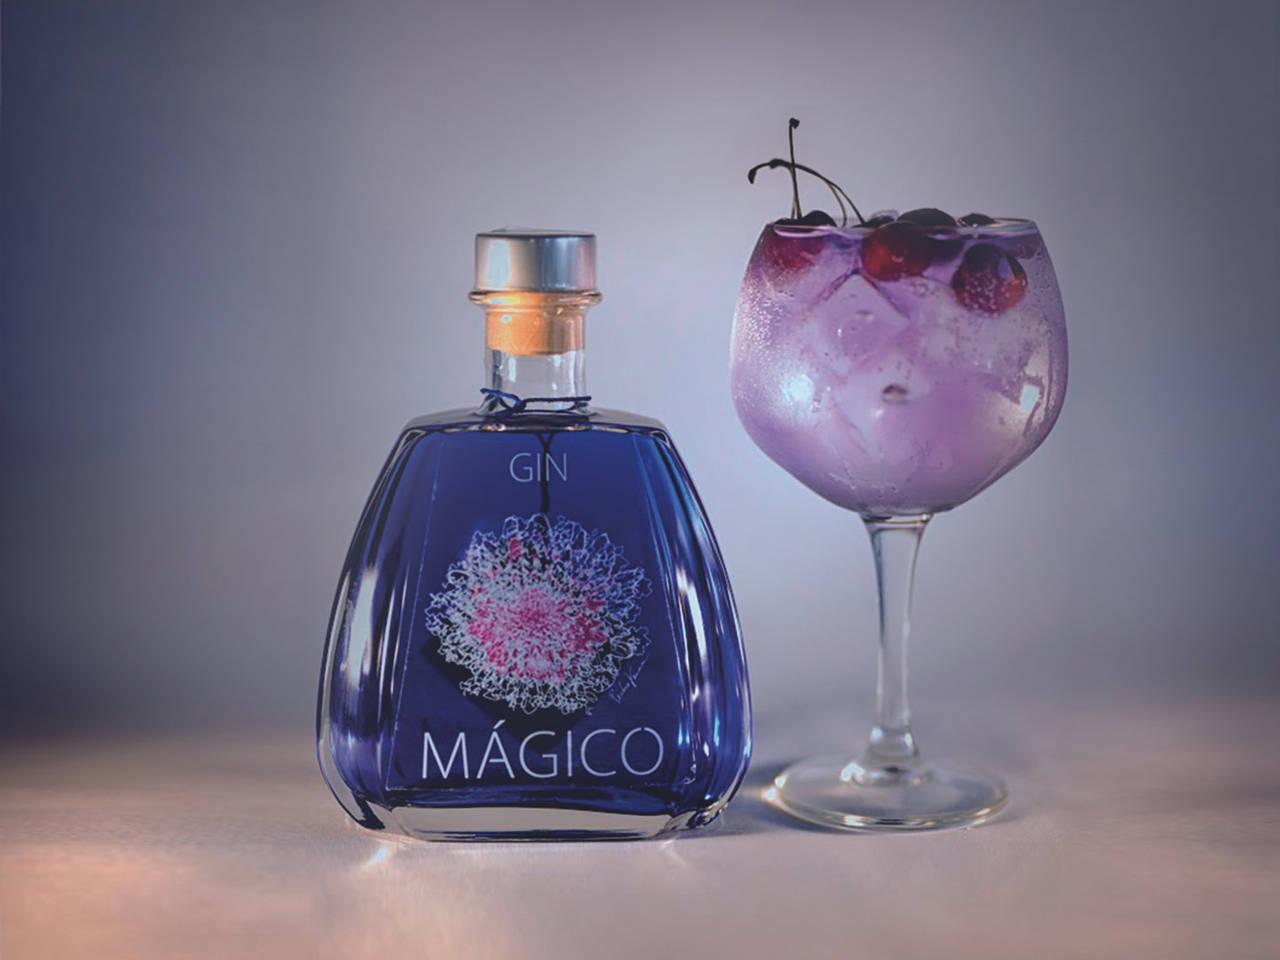 Lisboa Gin & Spirits